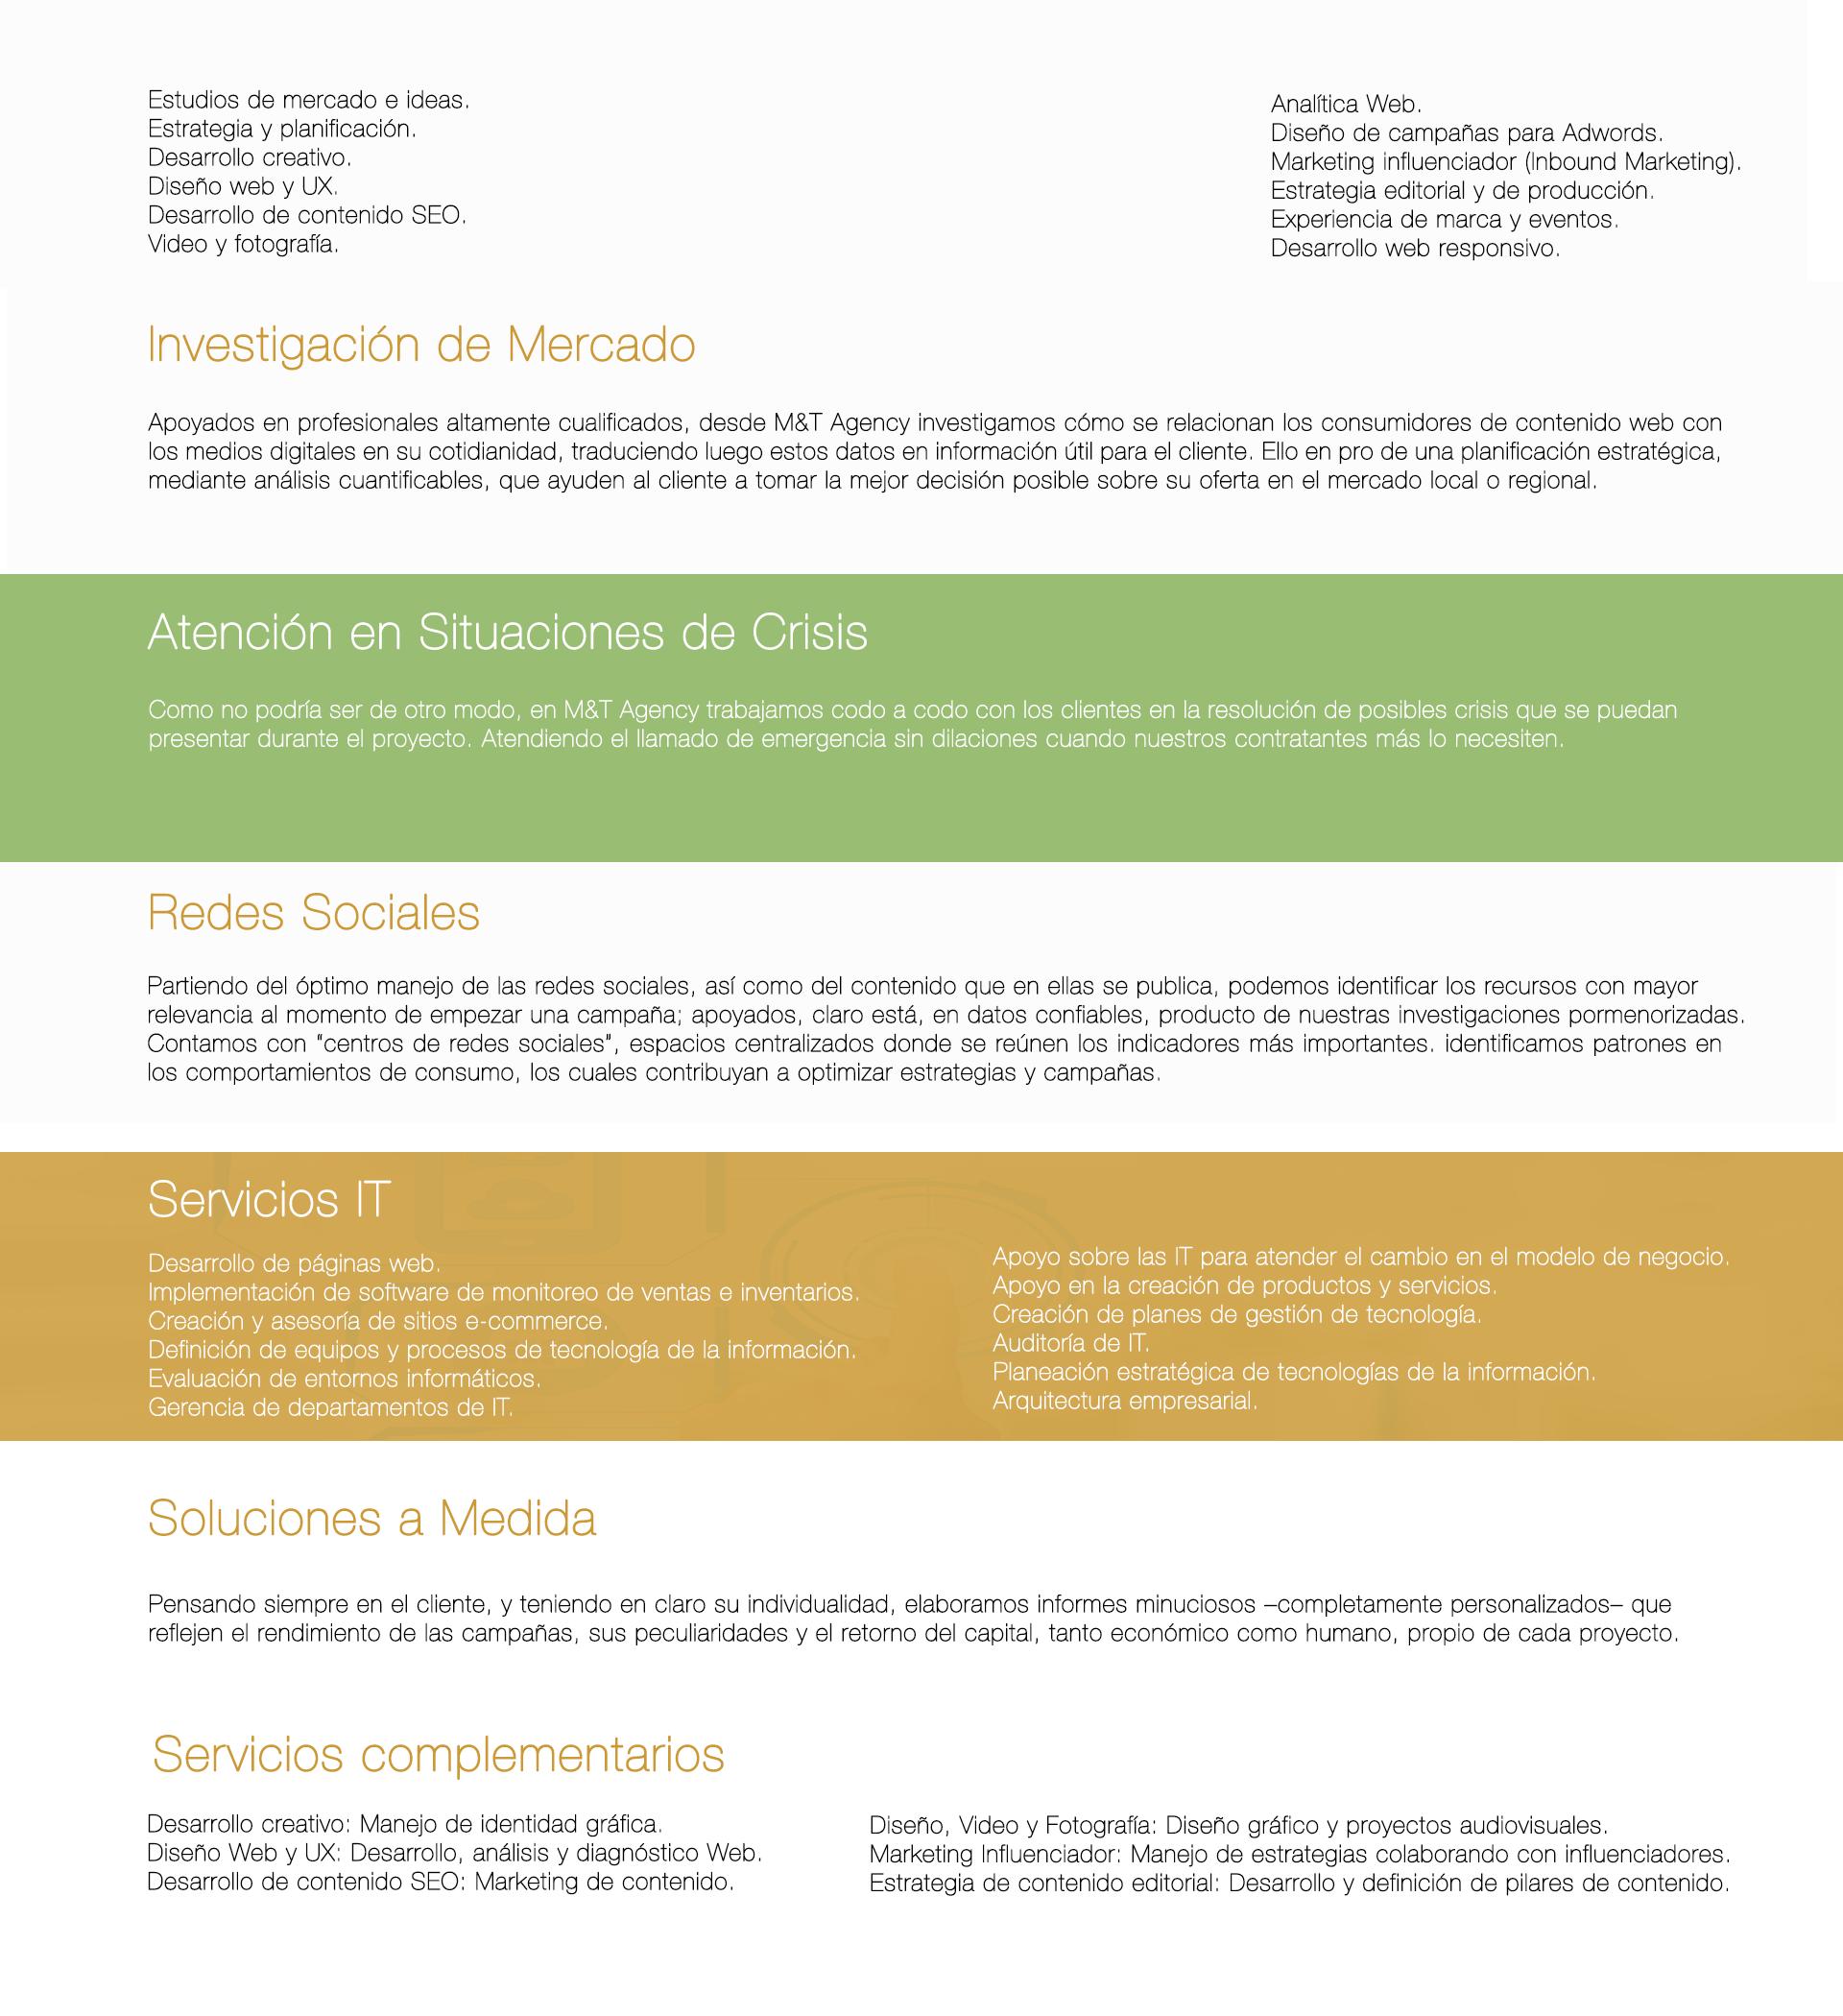 Dorable Las Uñas De Diseño De Imagen De Vídeo Colección - Ideas Para ...